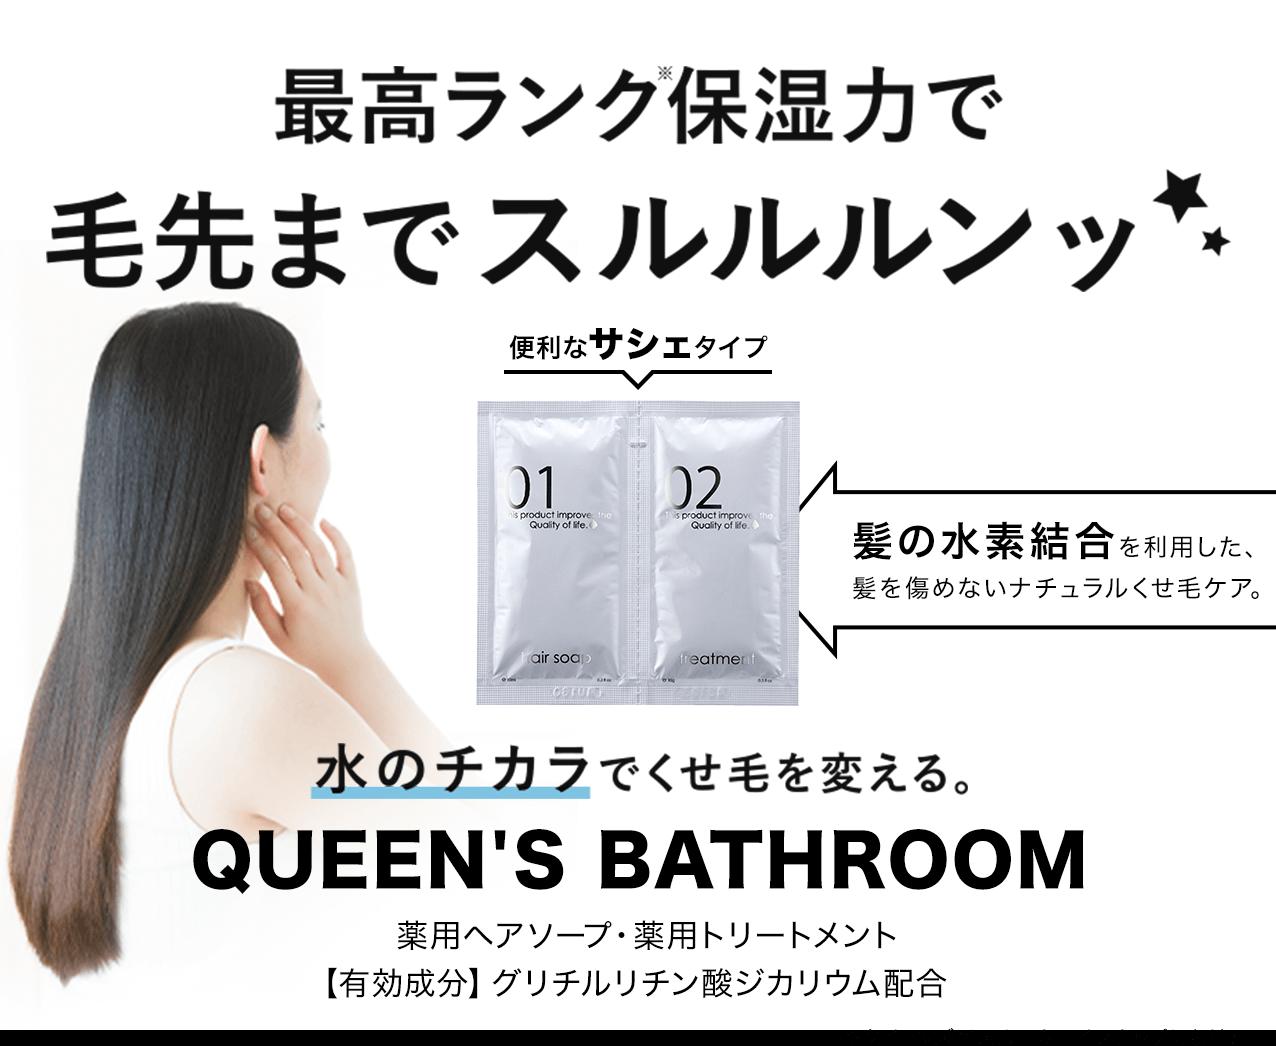 最高ランク保湿力で毛先までスルルルンッ 水の力でくせ毛を変える。QUEEN'S BATHROOM 便利なサシェタイプ